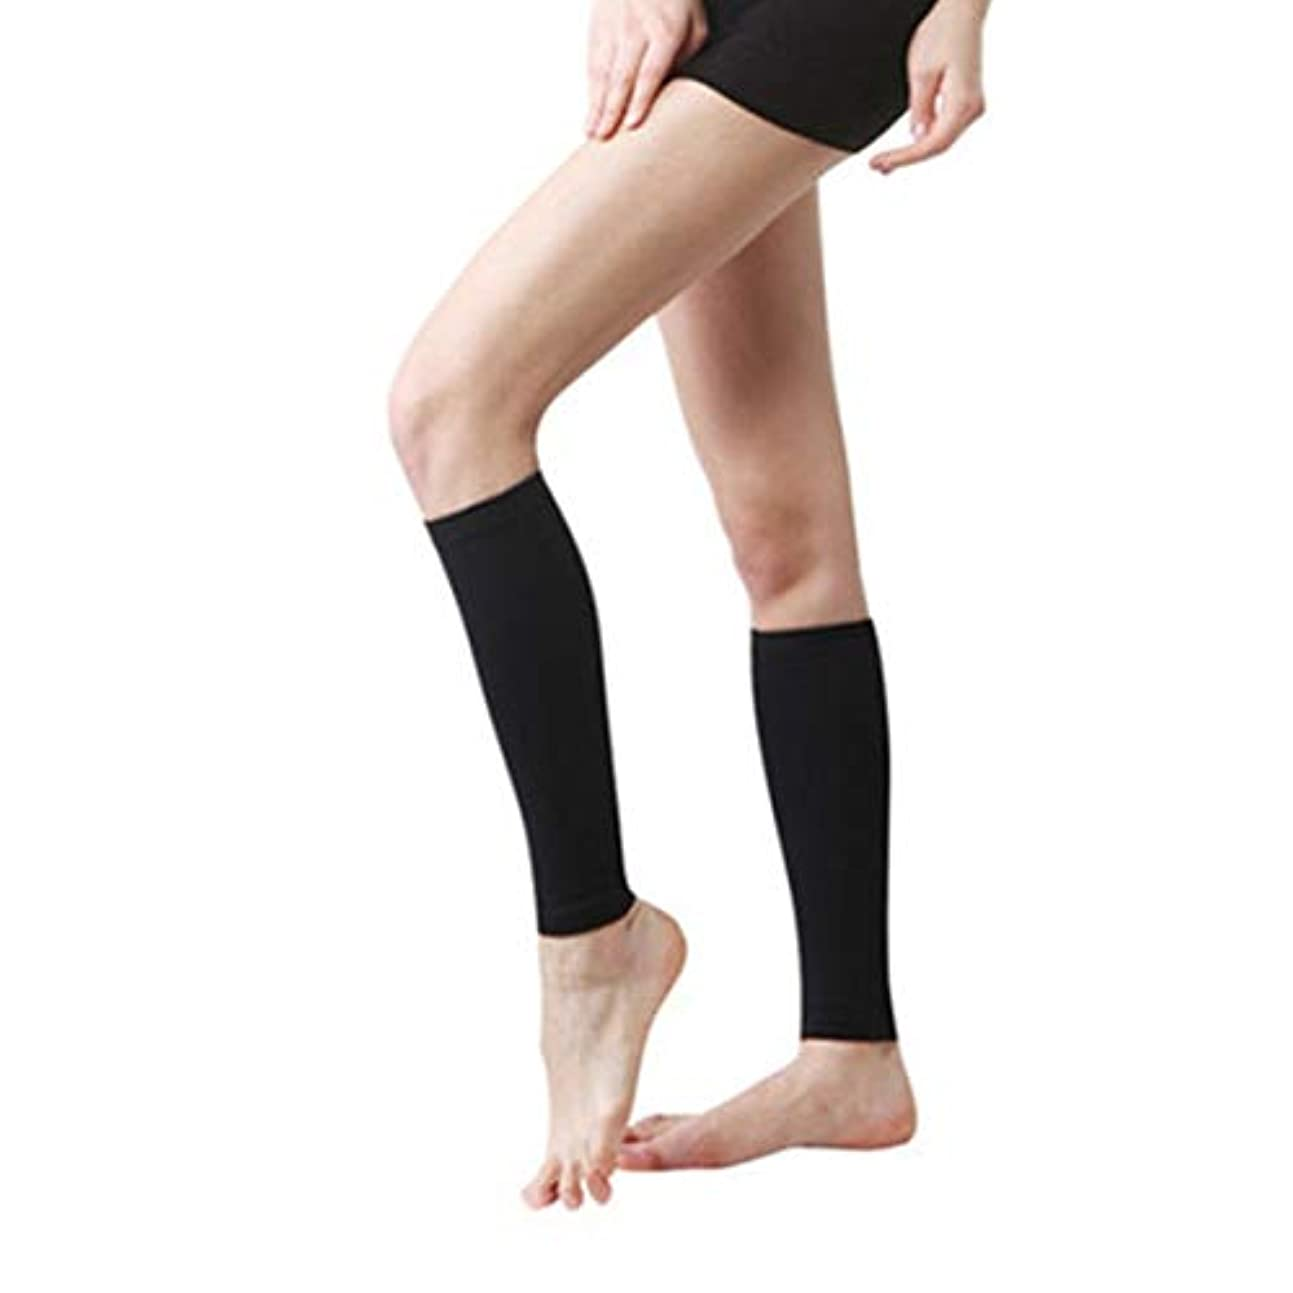 ブレス不測の事態通訳丈夫な男性女性プロの圧縮靴下通気性のある旅行活動看護師用シンススプリントフライトトラベル - ブラック